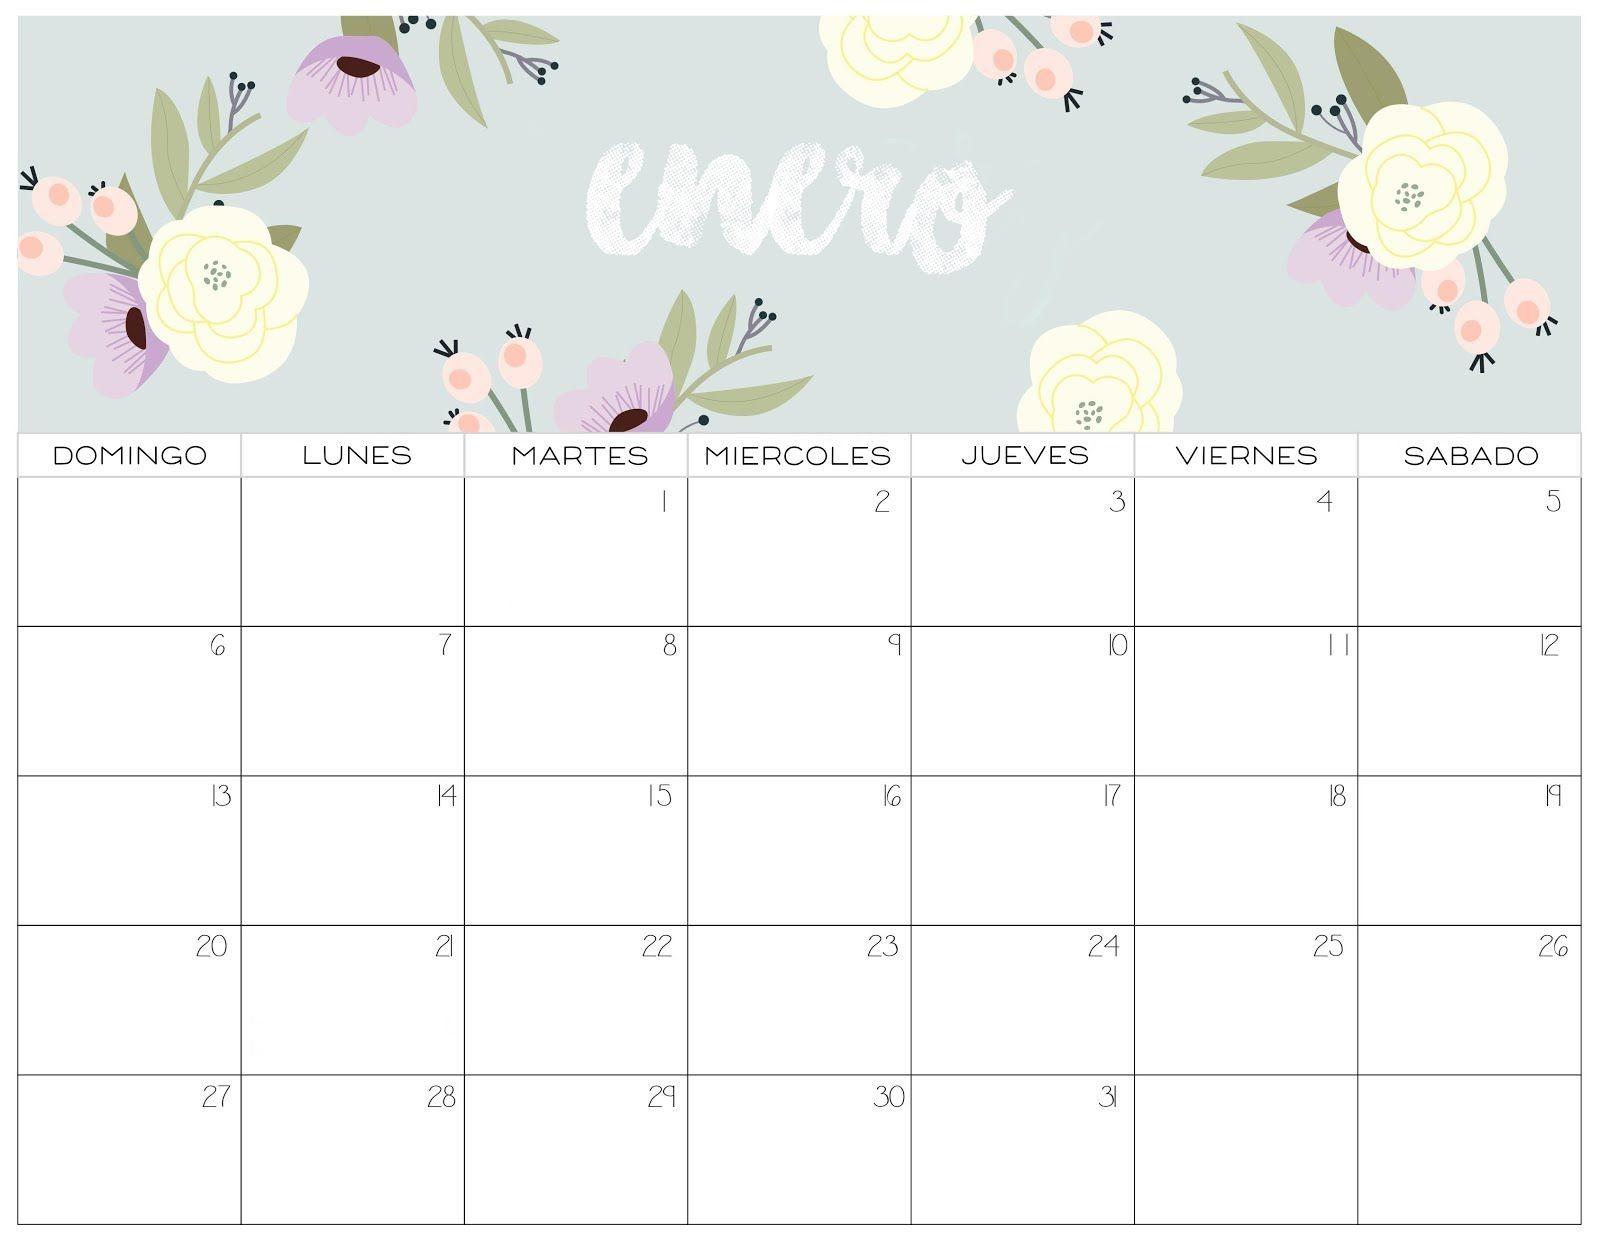 Calendario Blanco Para Imprimir Más Recientes 255 Mejores Imágenes De Agenda En 2019 Of Calendario Blanco Para Imprimir Más Recientes Vuelta Al Cole 2017 100 Plantillas Y Horarios Gratis Para